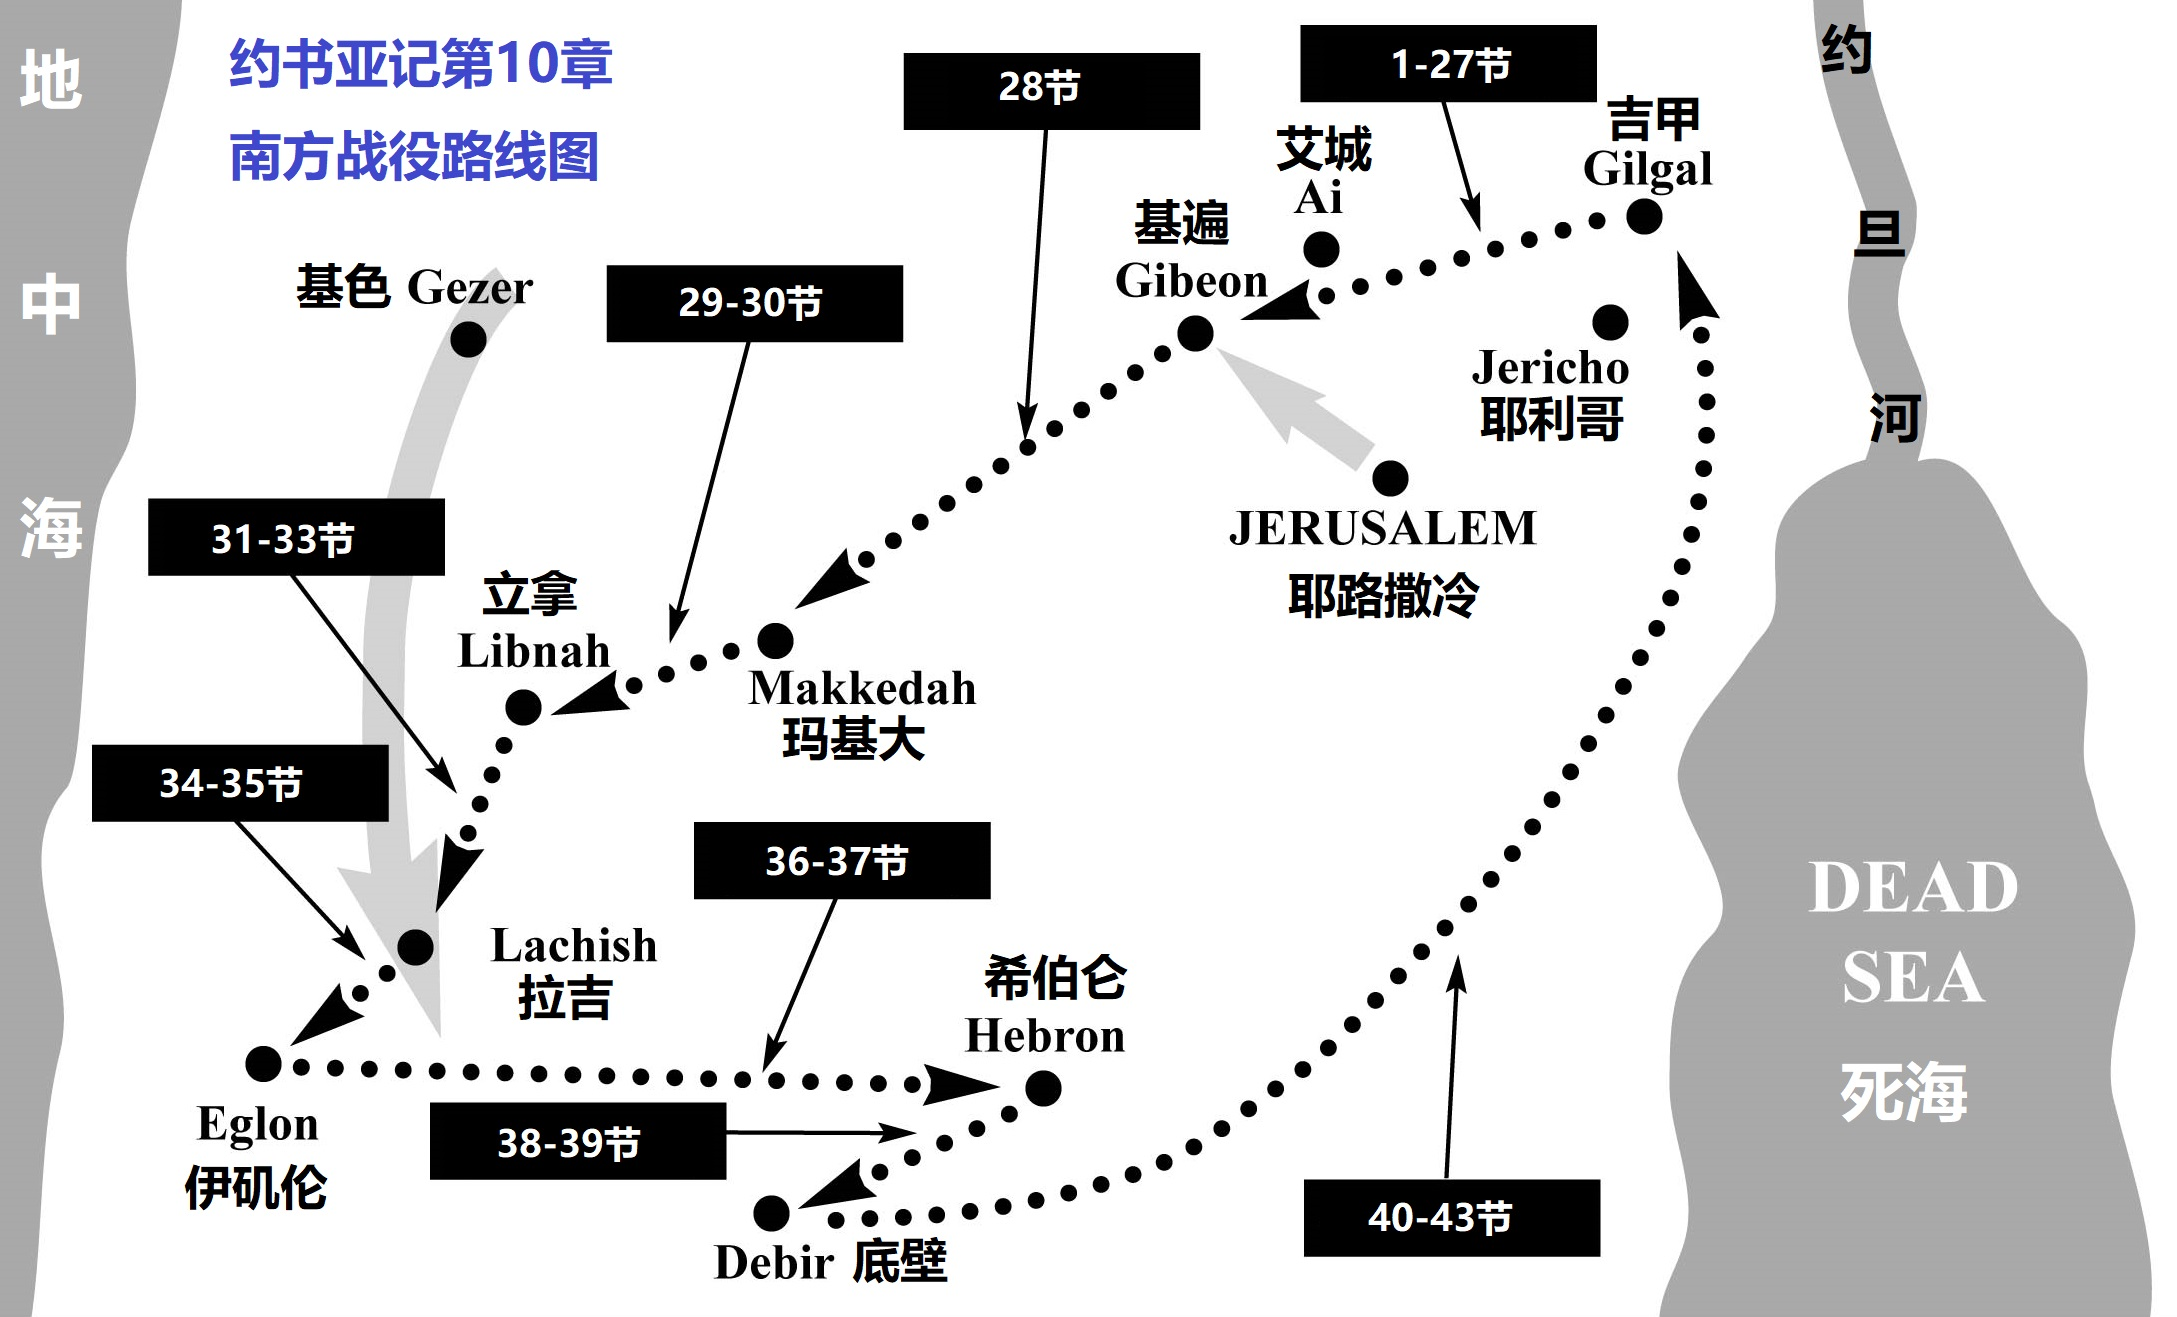 上图:约书亚南方战役(书十)的路线图。